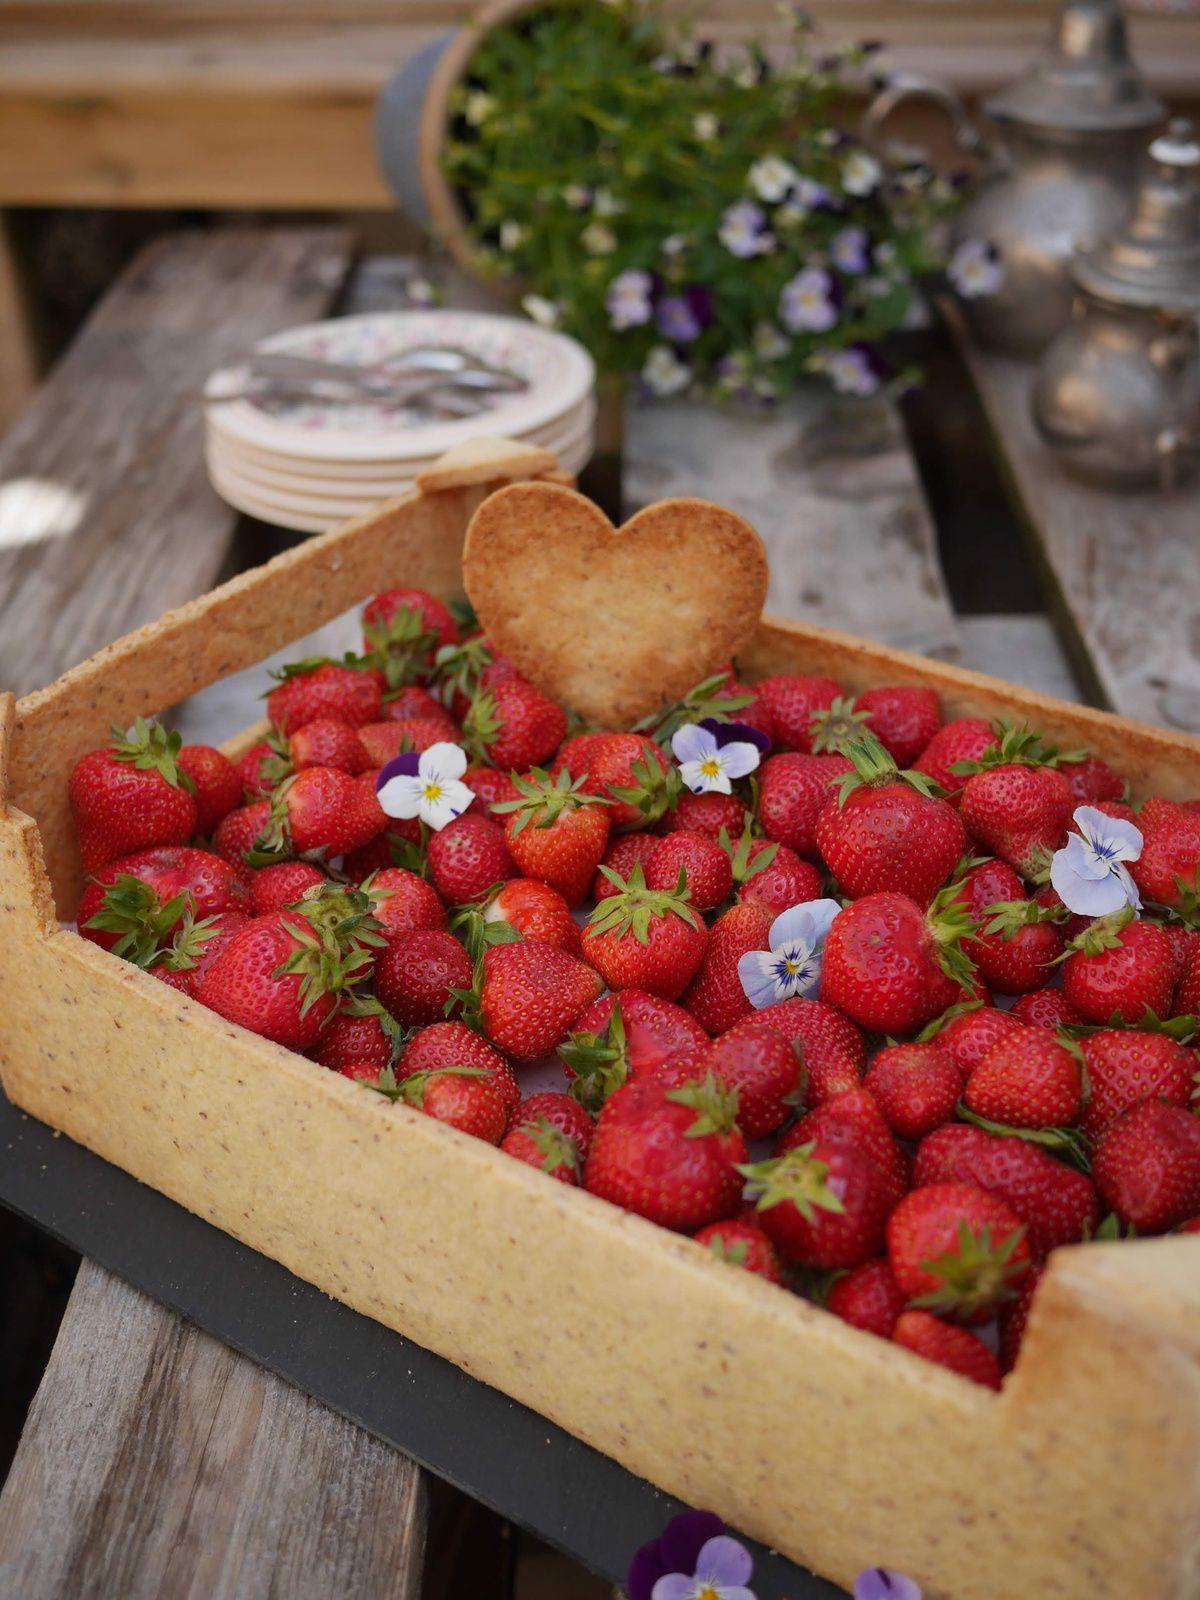 Cagette sablée aux fraises